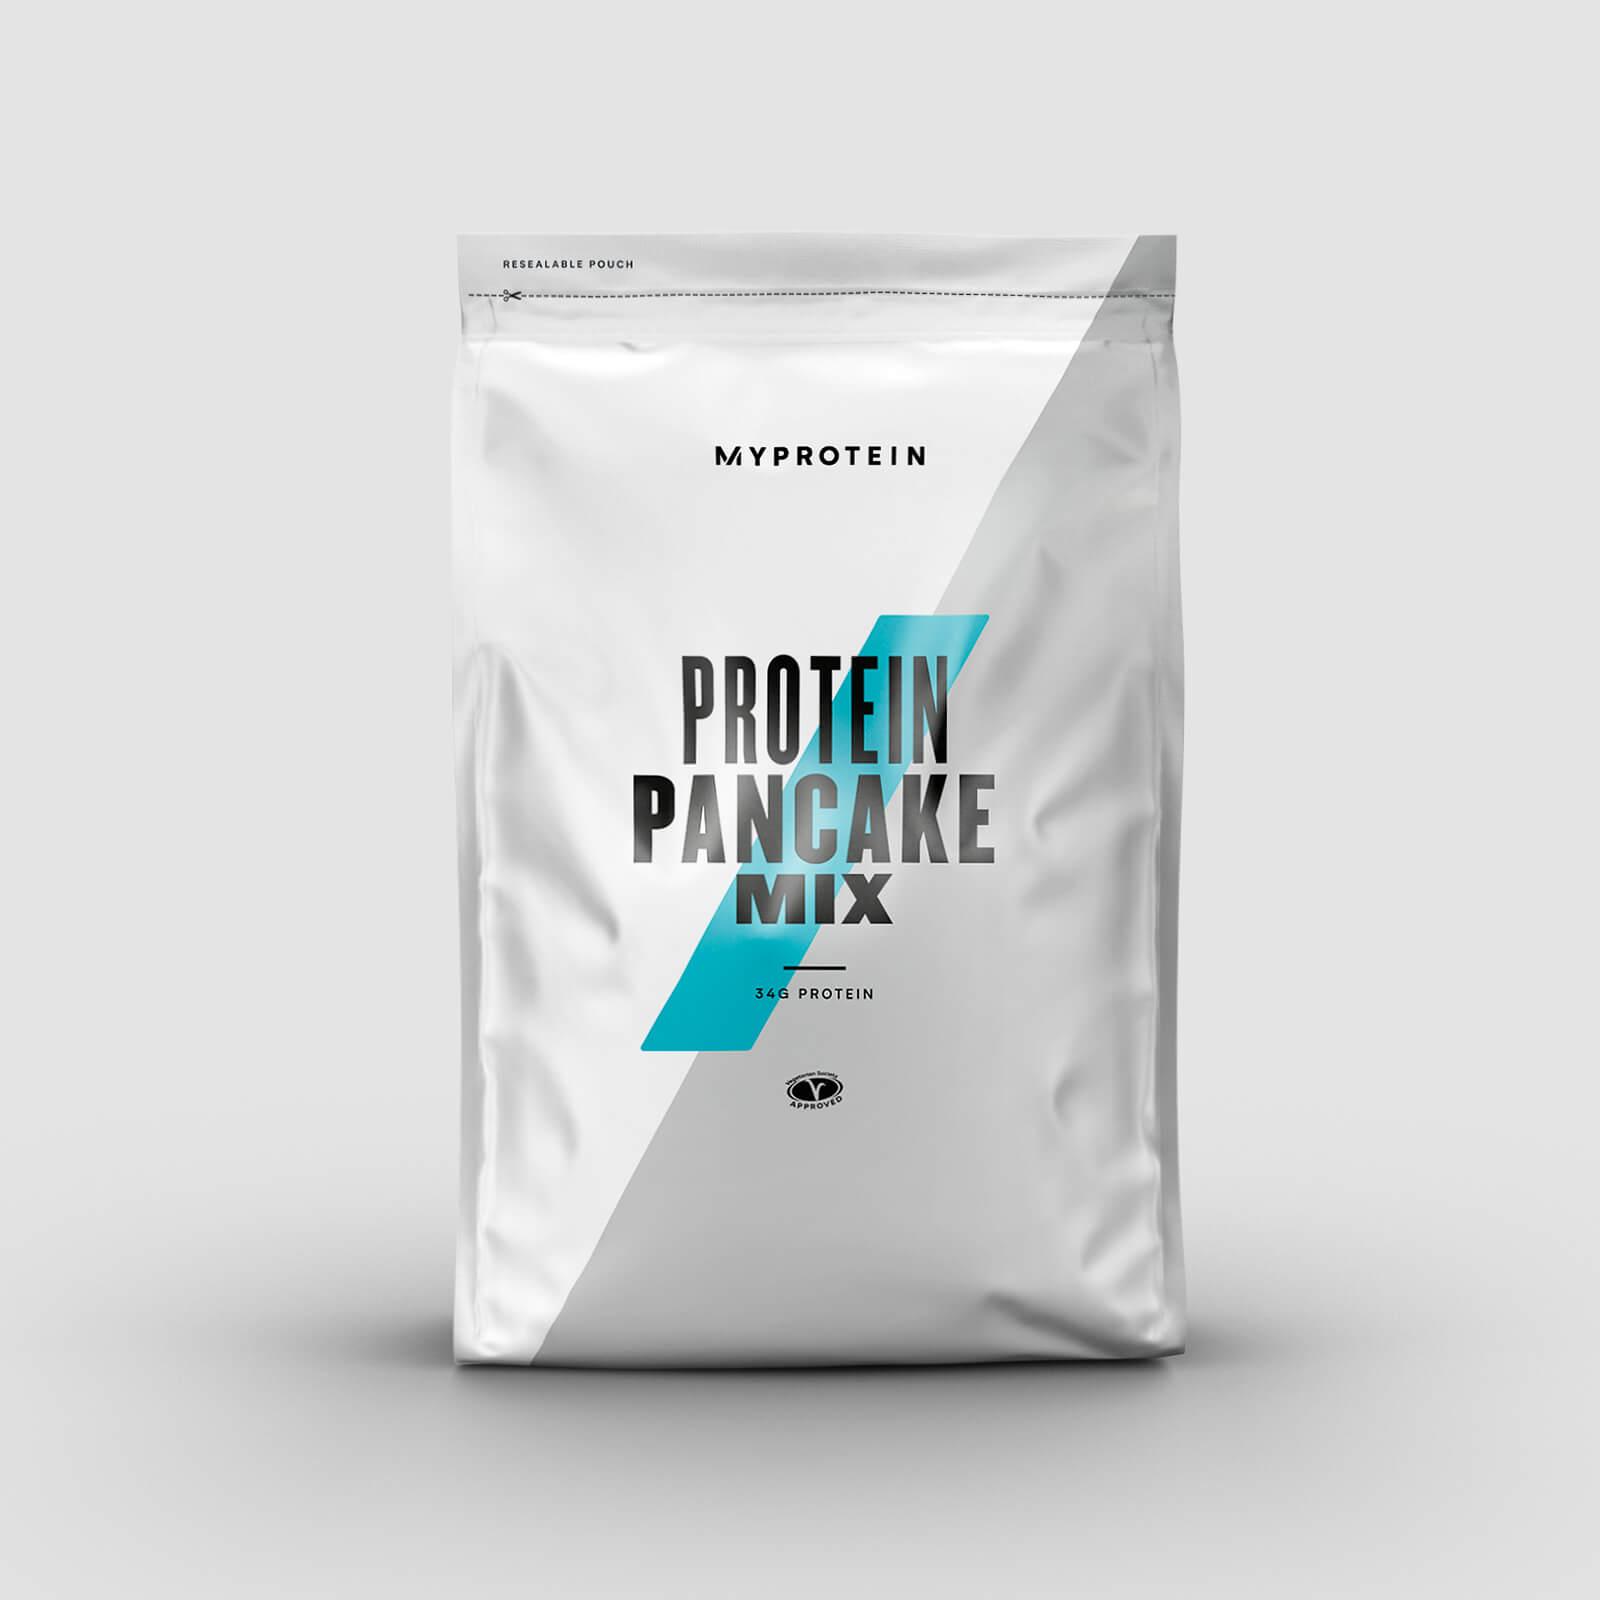 Myprotein Préparation Pancake Protéiné - 500g - Sirop d'érable